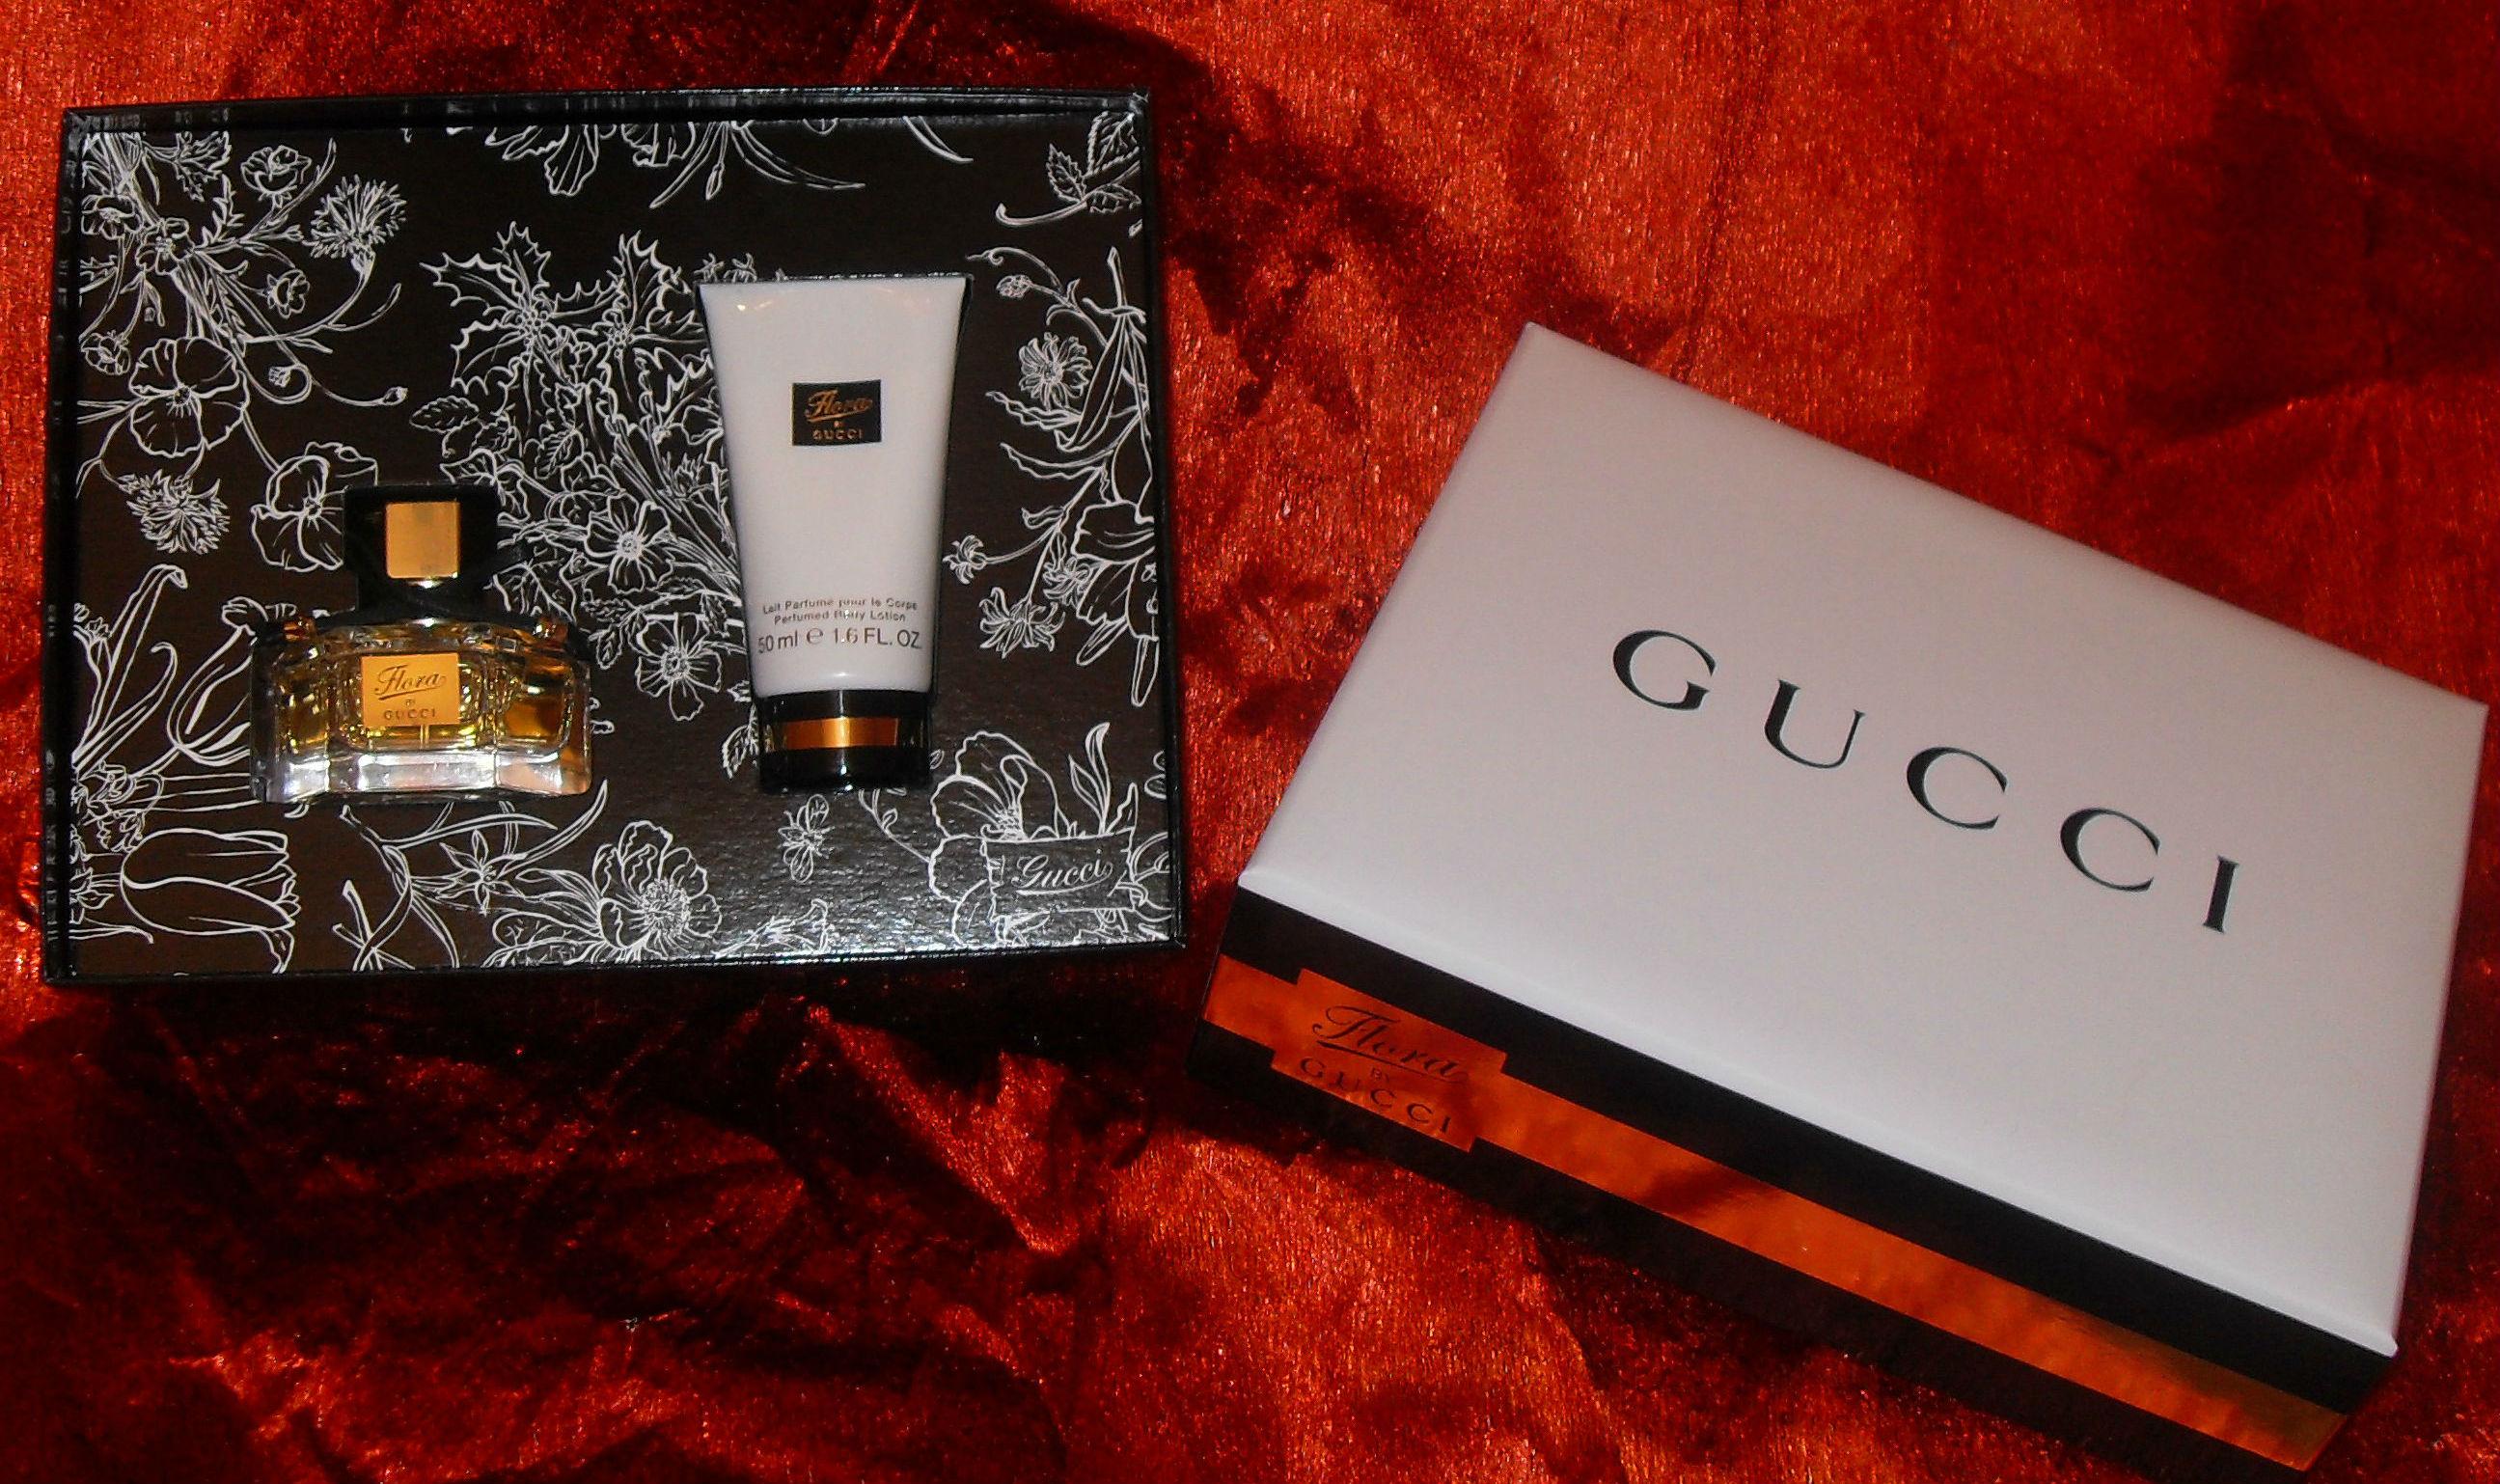 Violettas Gucci